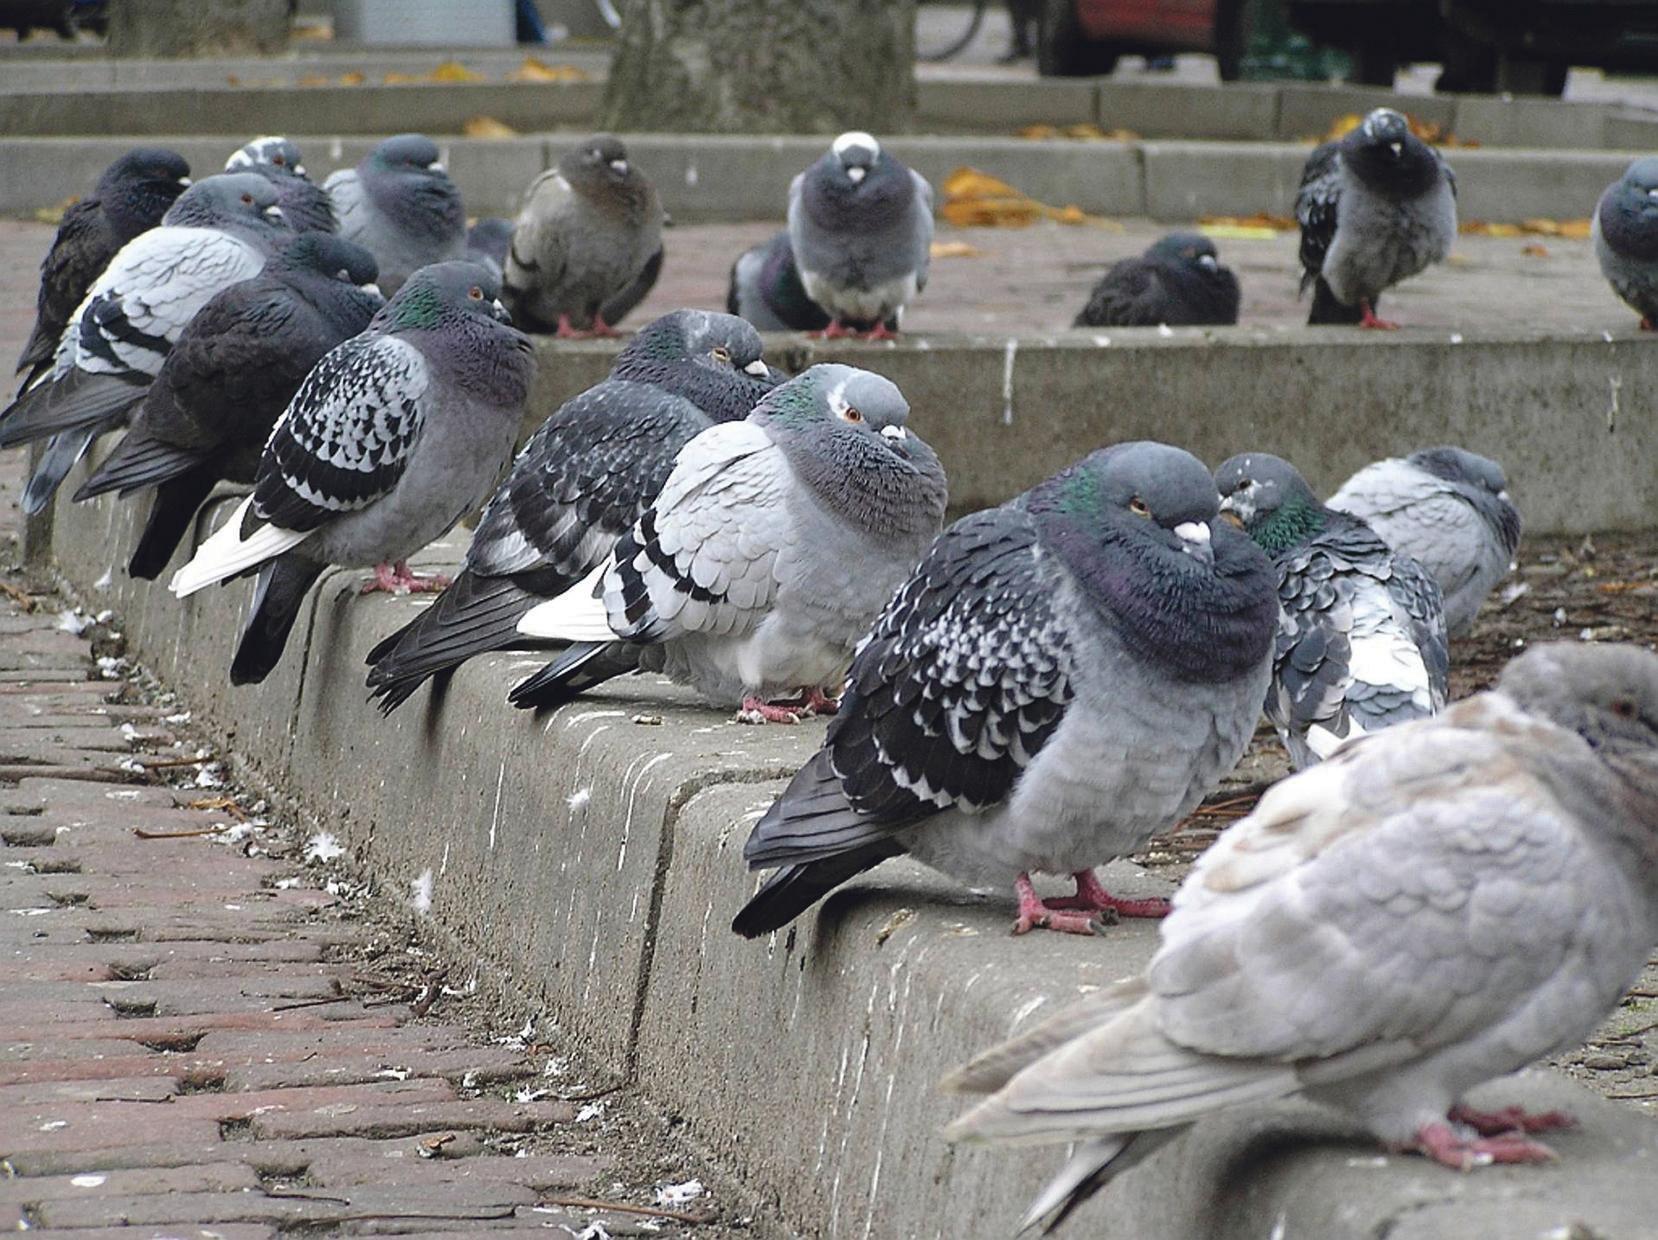 De Raad van State, 's lands hoogste rechtsorgaan, buigt zich over... duivenpoep uit Egmond